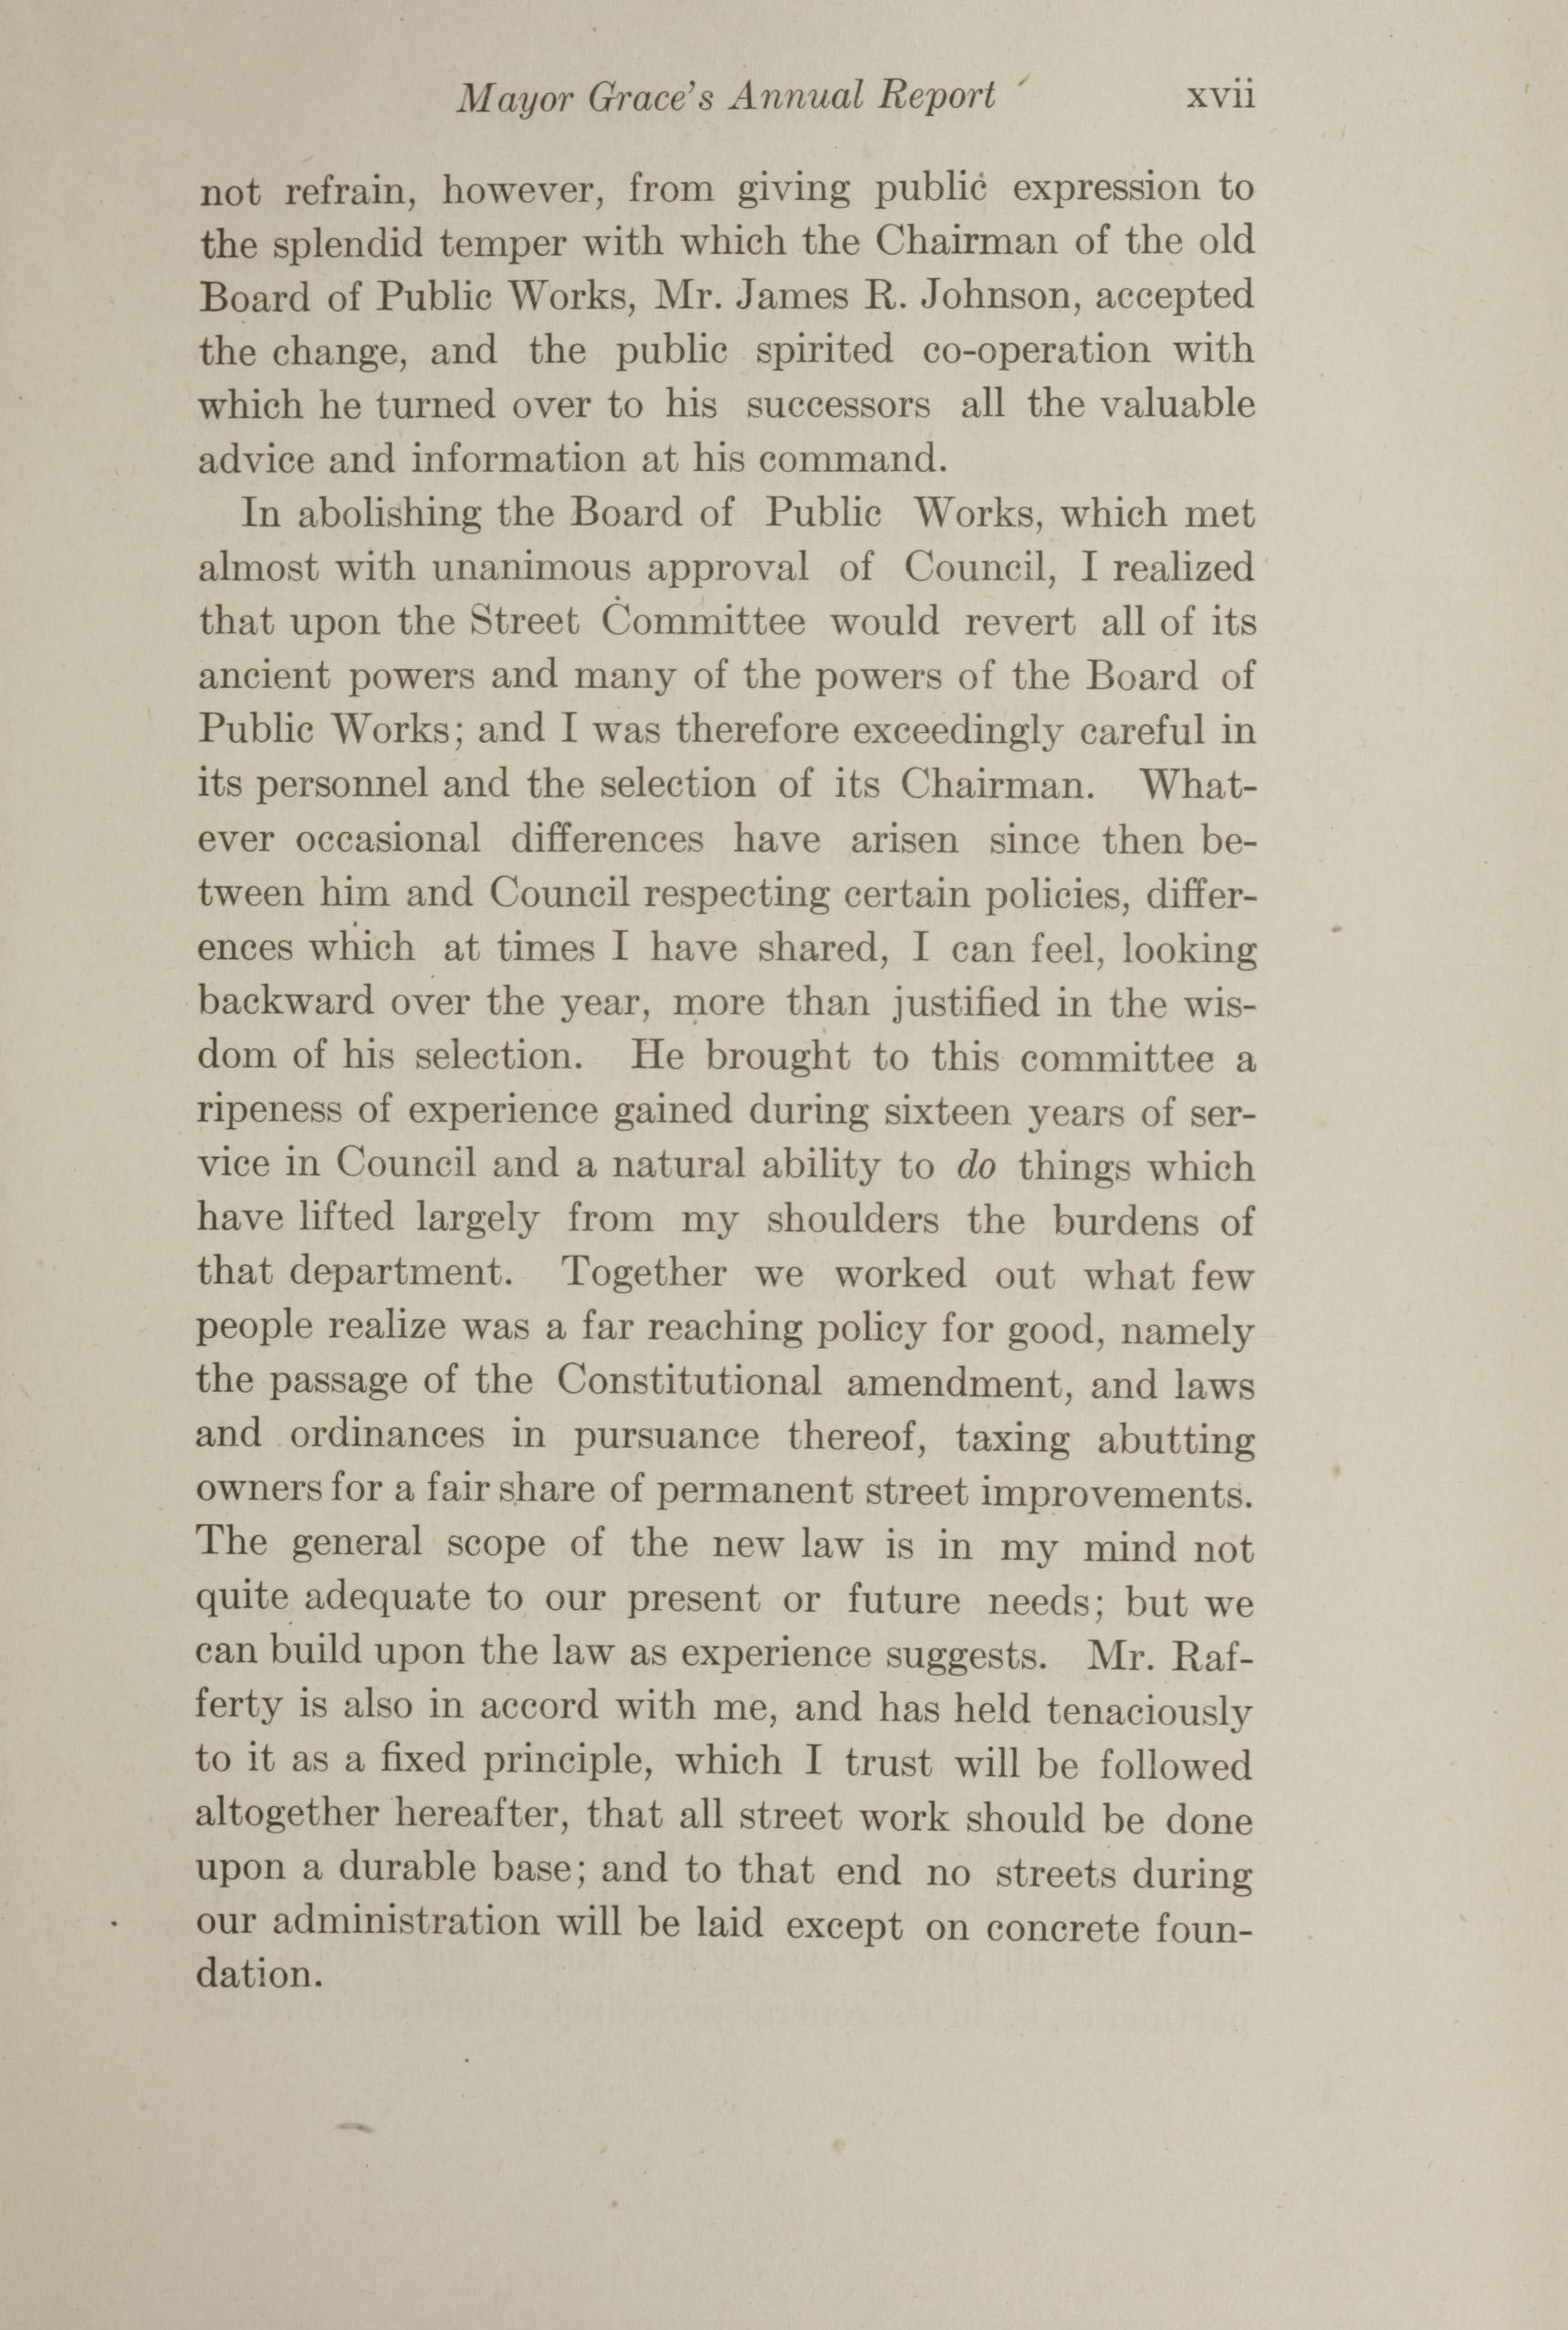 Charleston Yearbook, 1912, page xvii